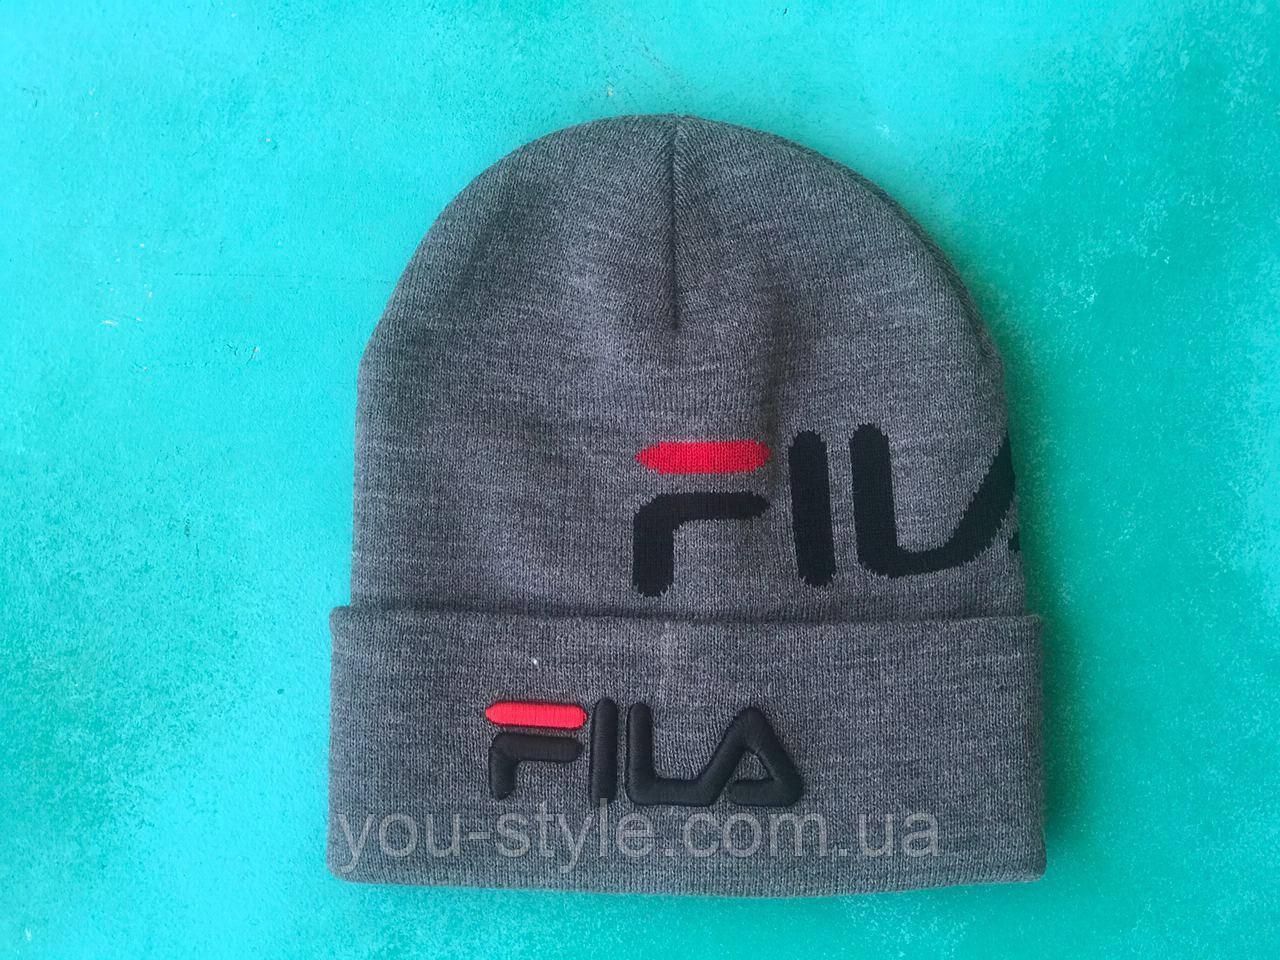 Шапка Fila  / шапка фила/ шапка женская/шапка мужская/серый